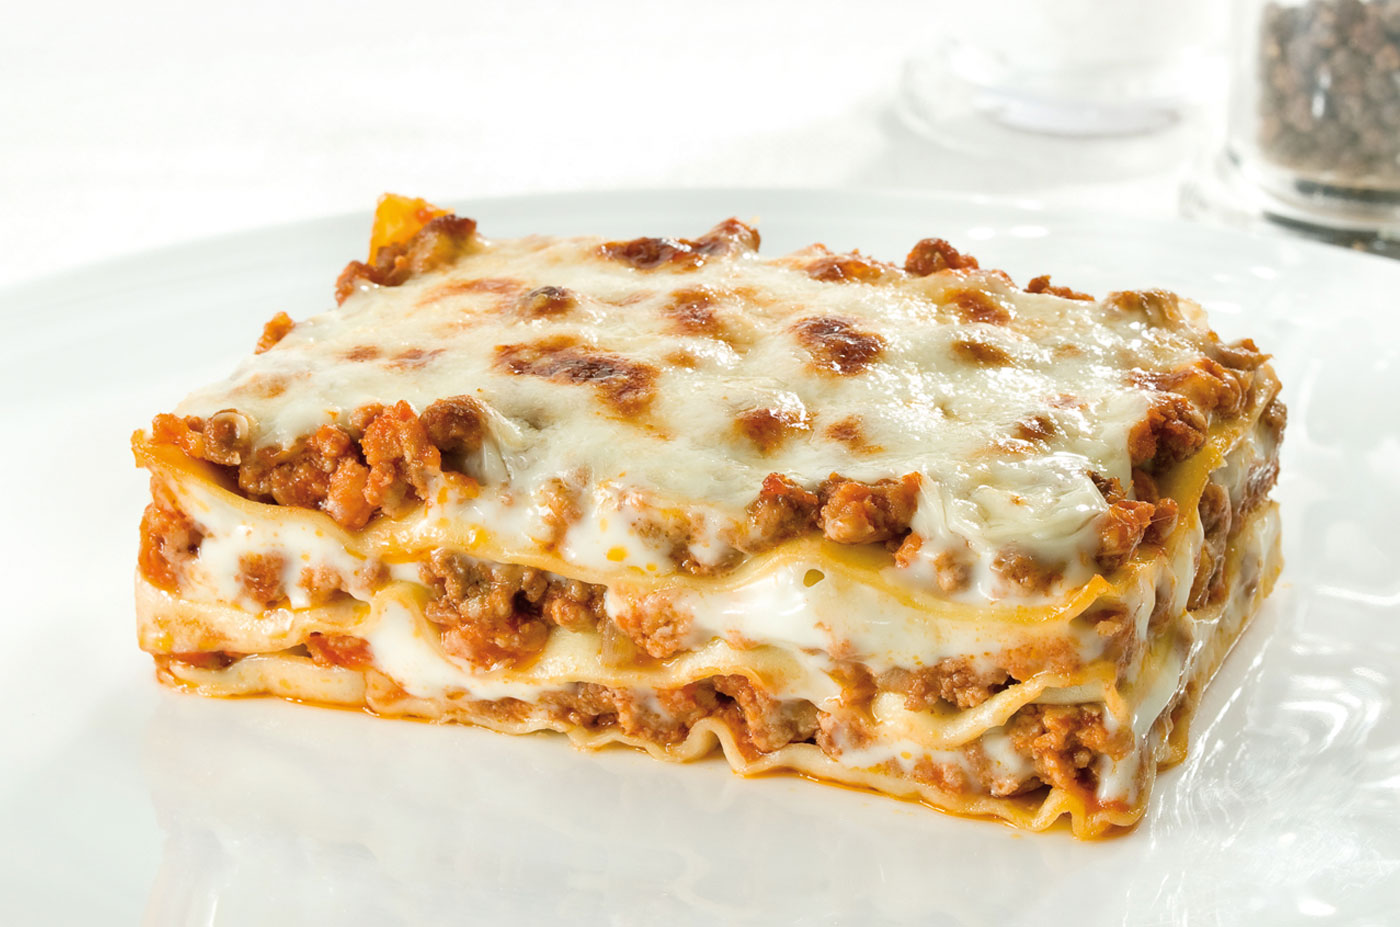 Italia Ricette: lasagne alla bolognese ~ ITALIA NOTIZIE